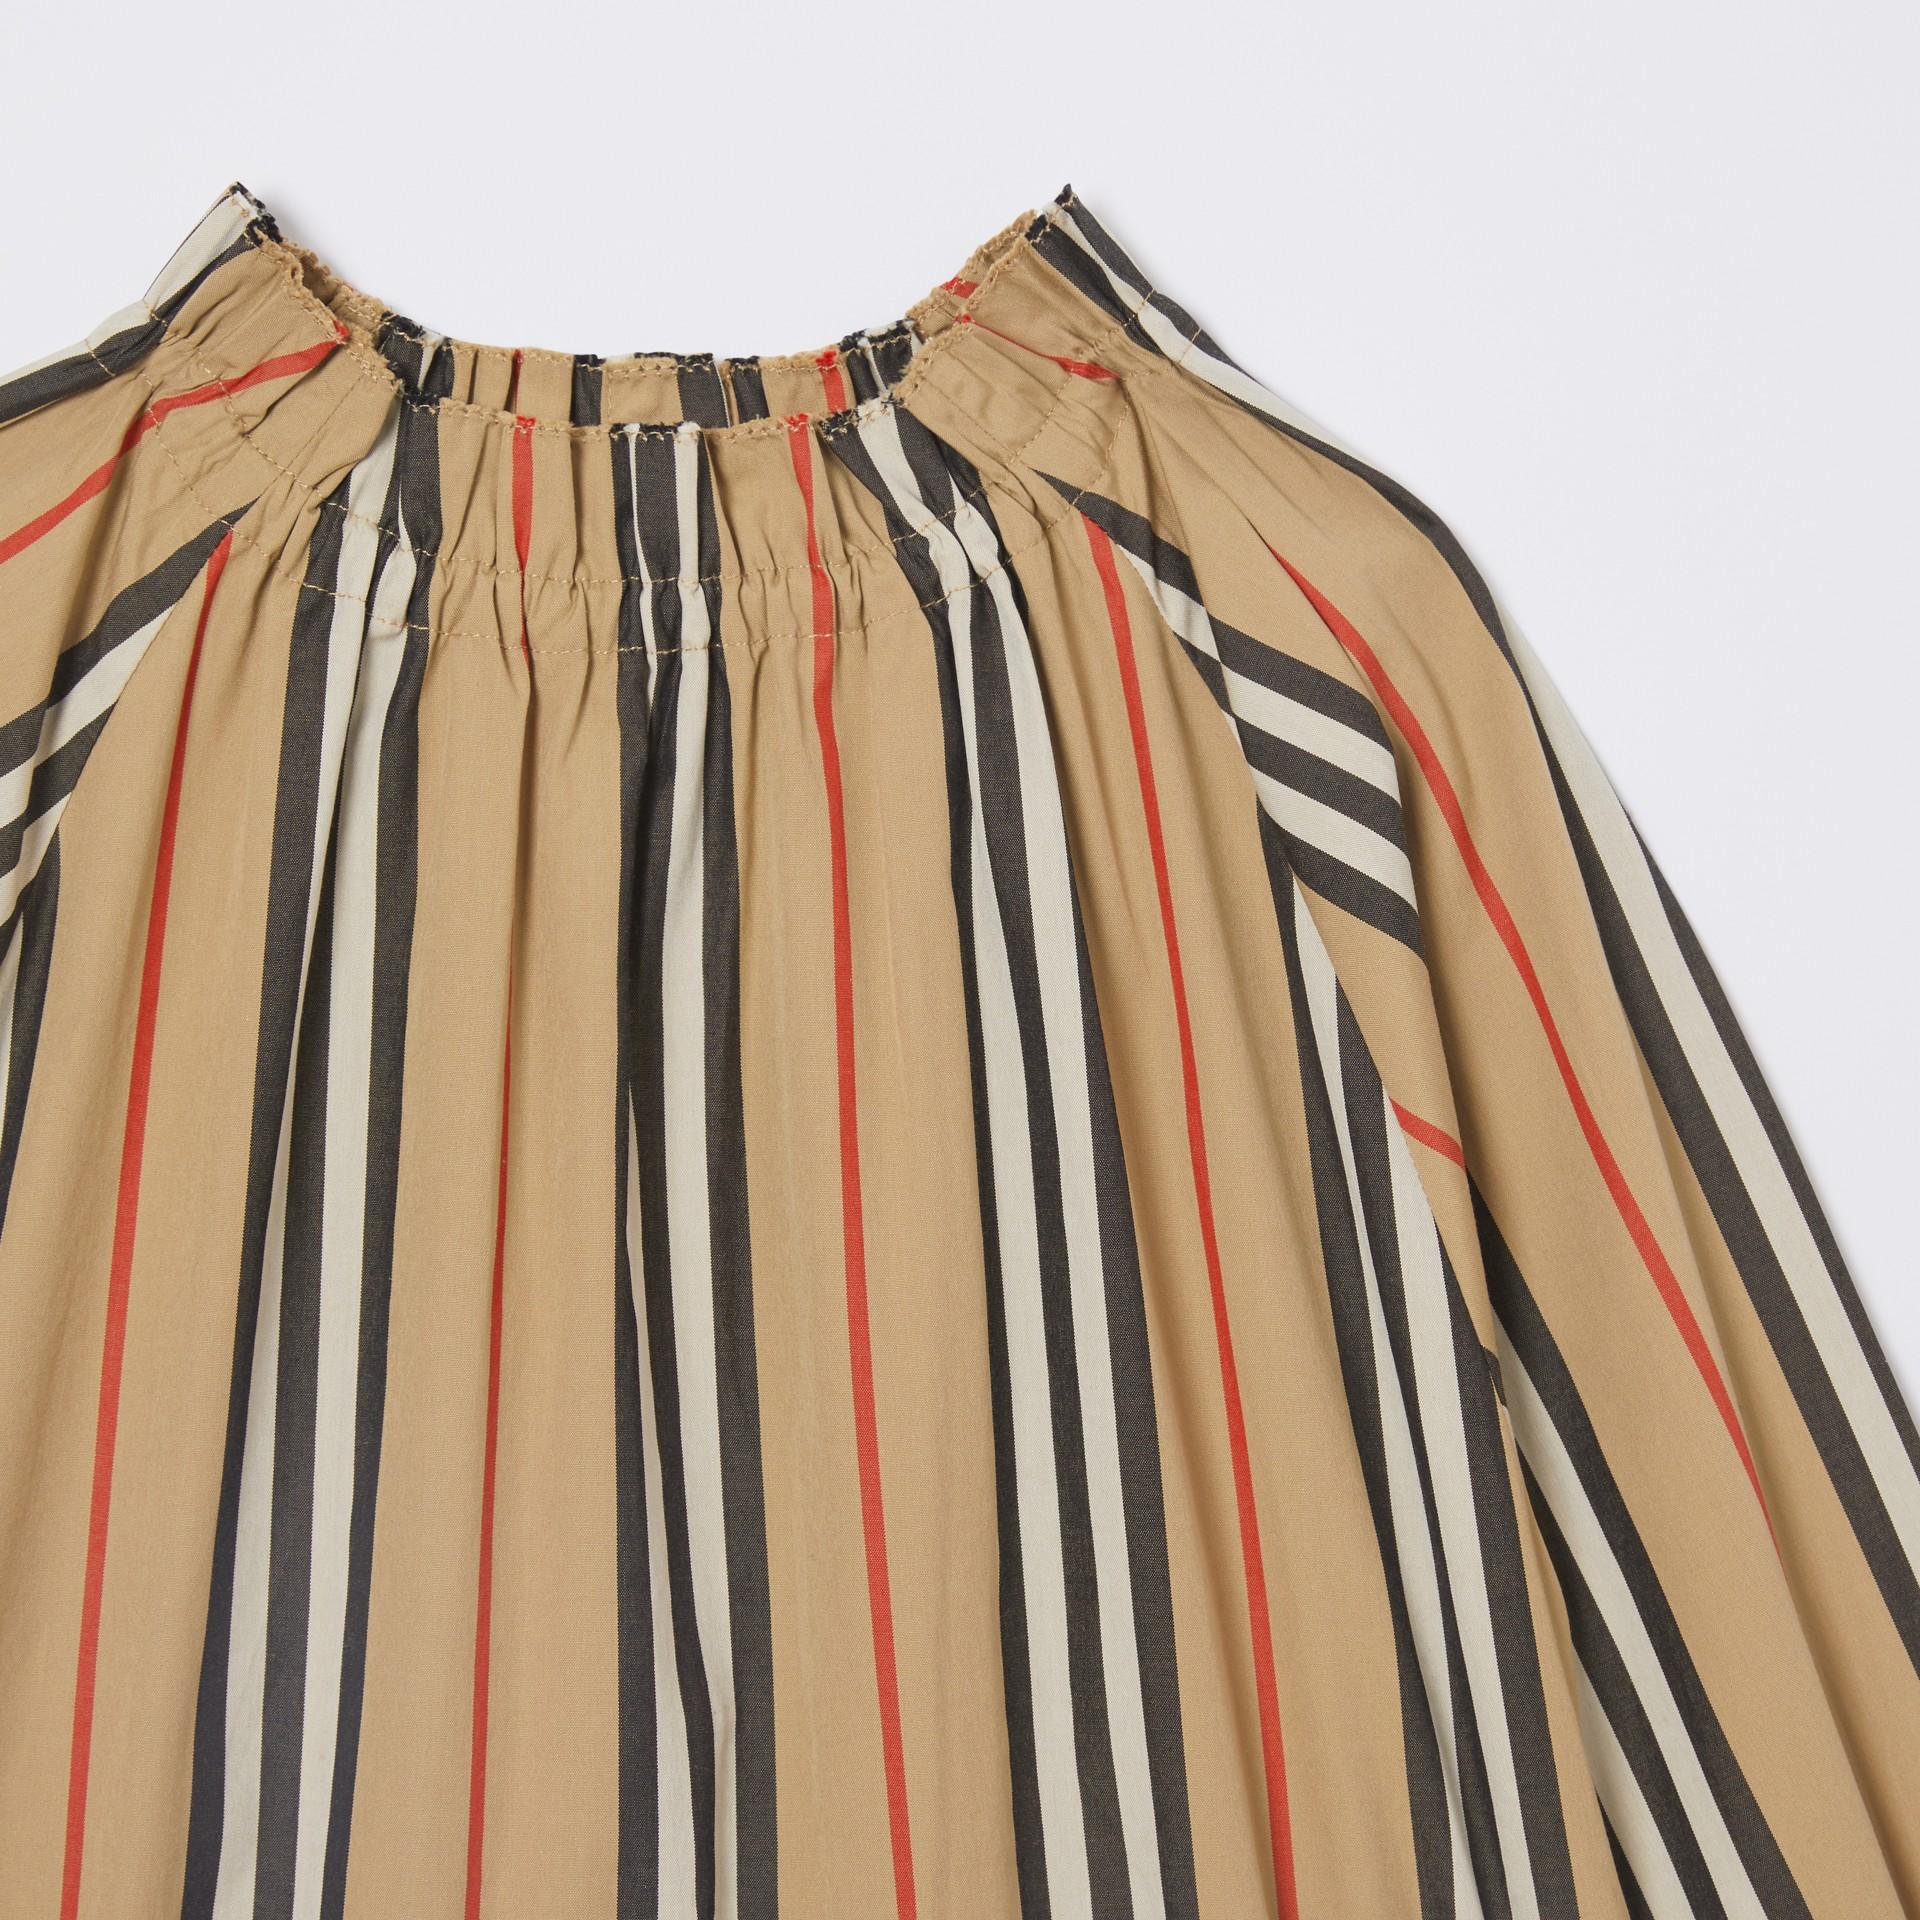 アイコンストライプ コットンポプリン ドレス (アーカイブベージュ) | バーバリー - ギャラリーイメージ 4